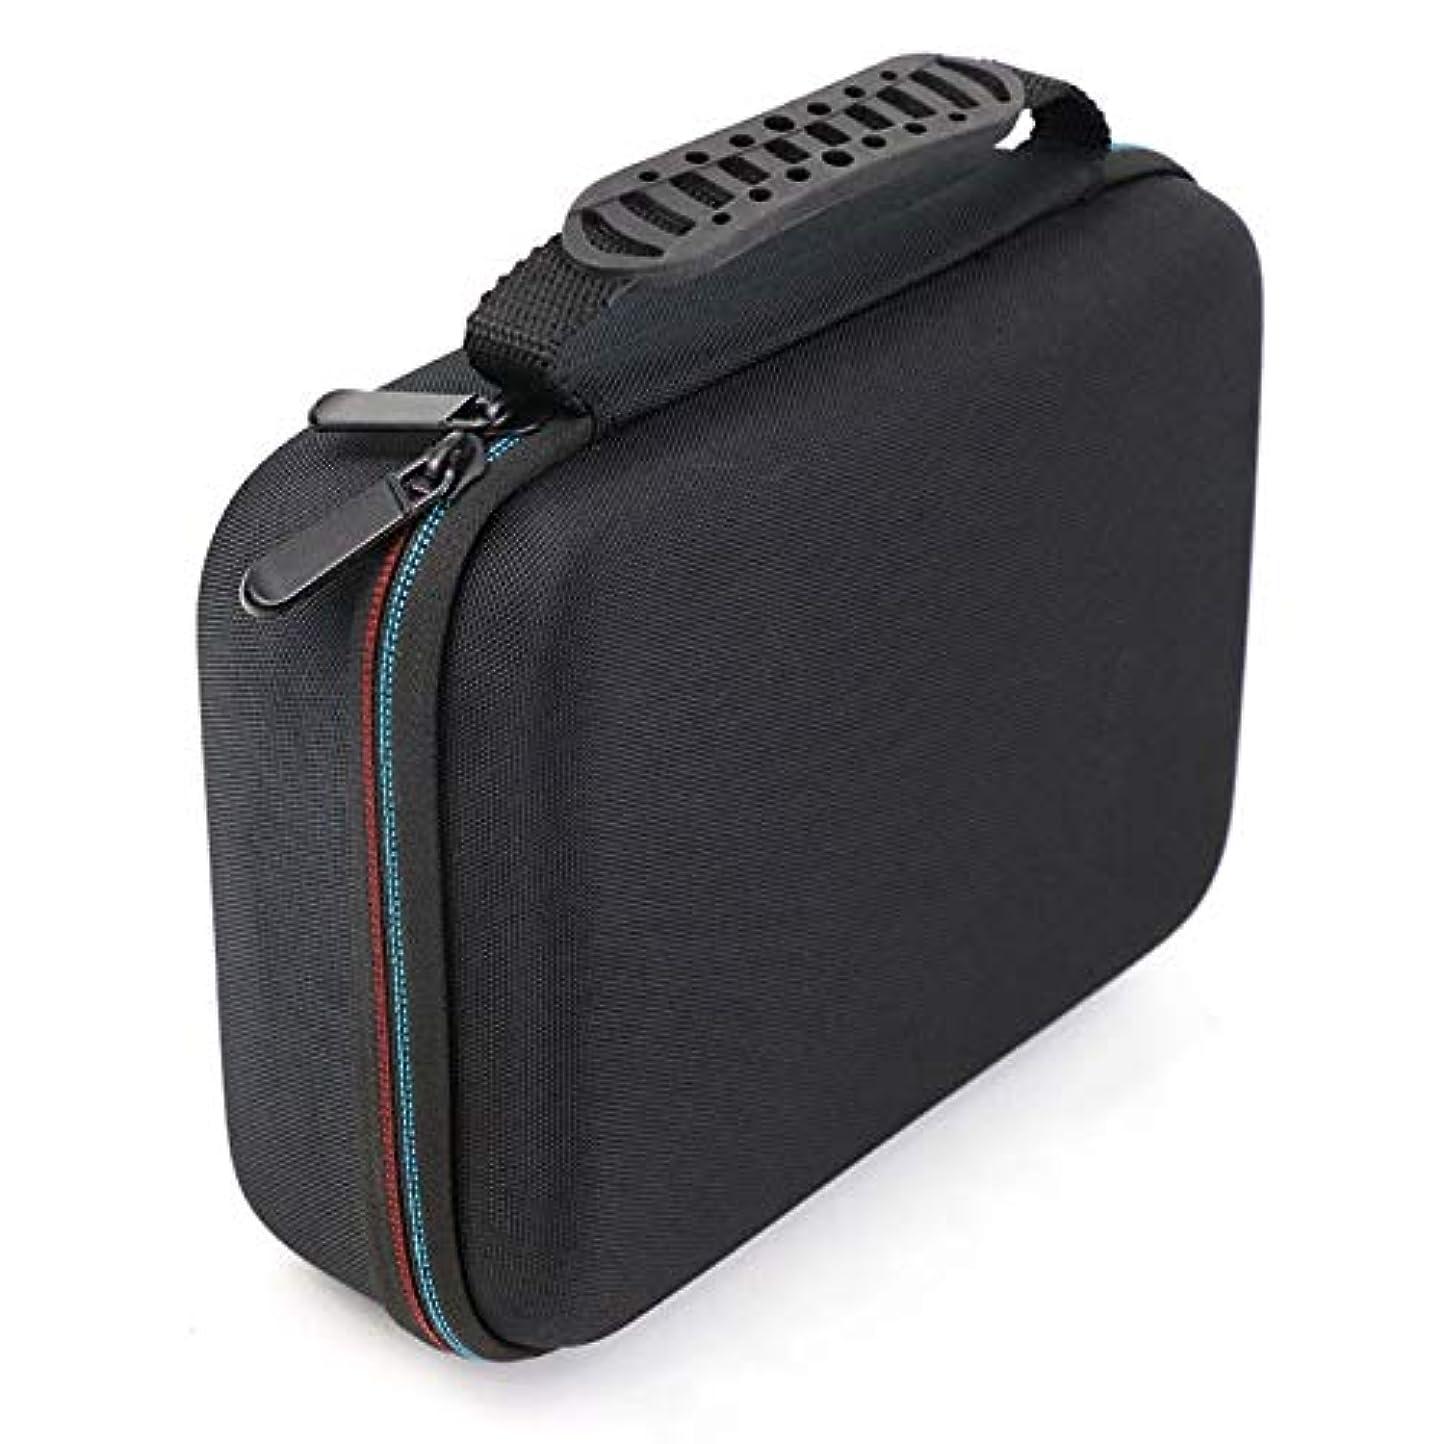 敬不完全打ち上げるCUHAWUDBA バリカンの収納ケース、携帯用ケース、耐衝撃バッグ、シェーバーのキット、Evaハードケース、収納バッグ、 Mgk3020/3060/3080用